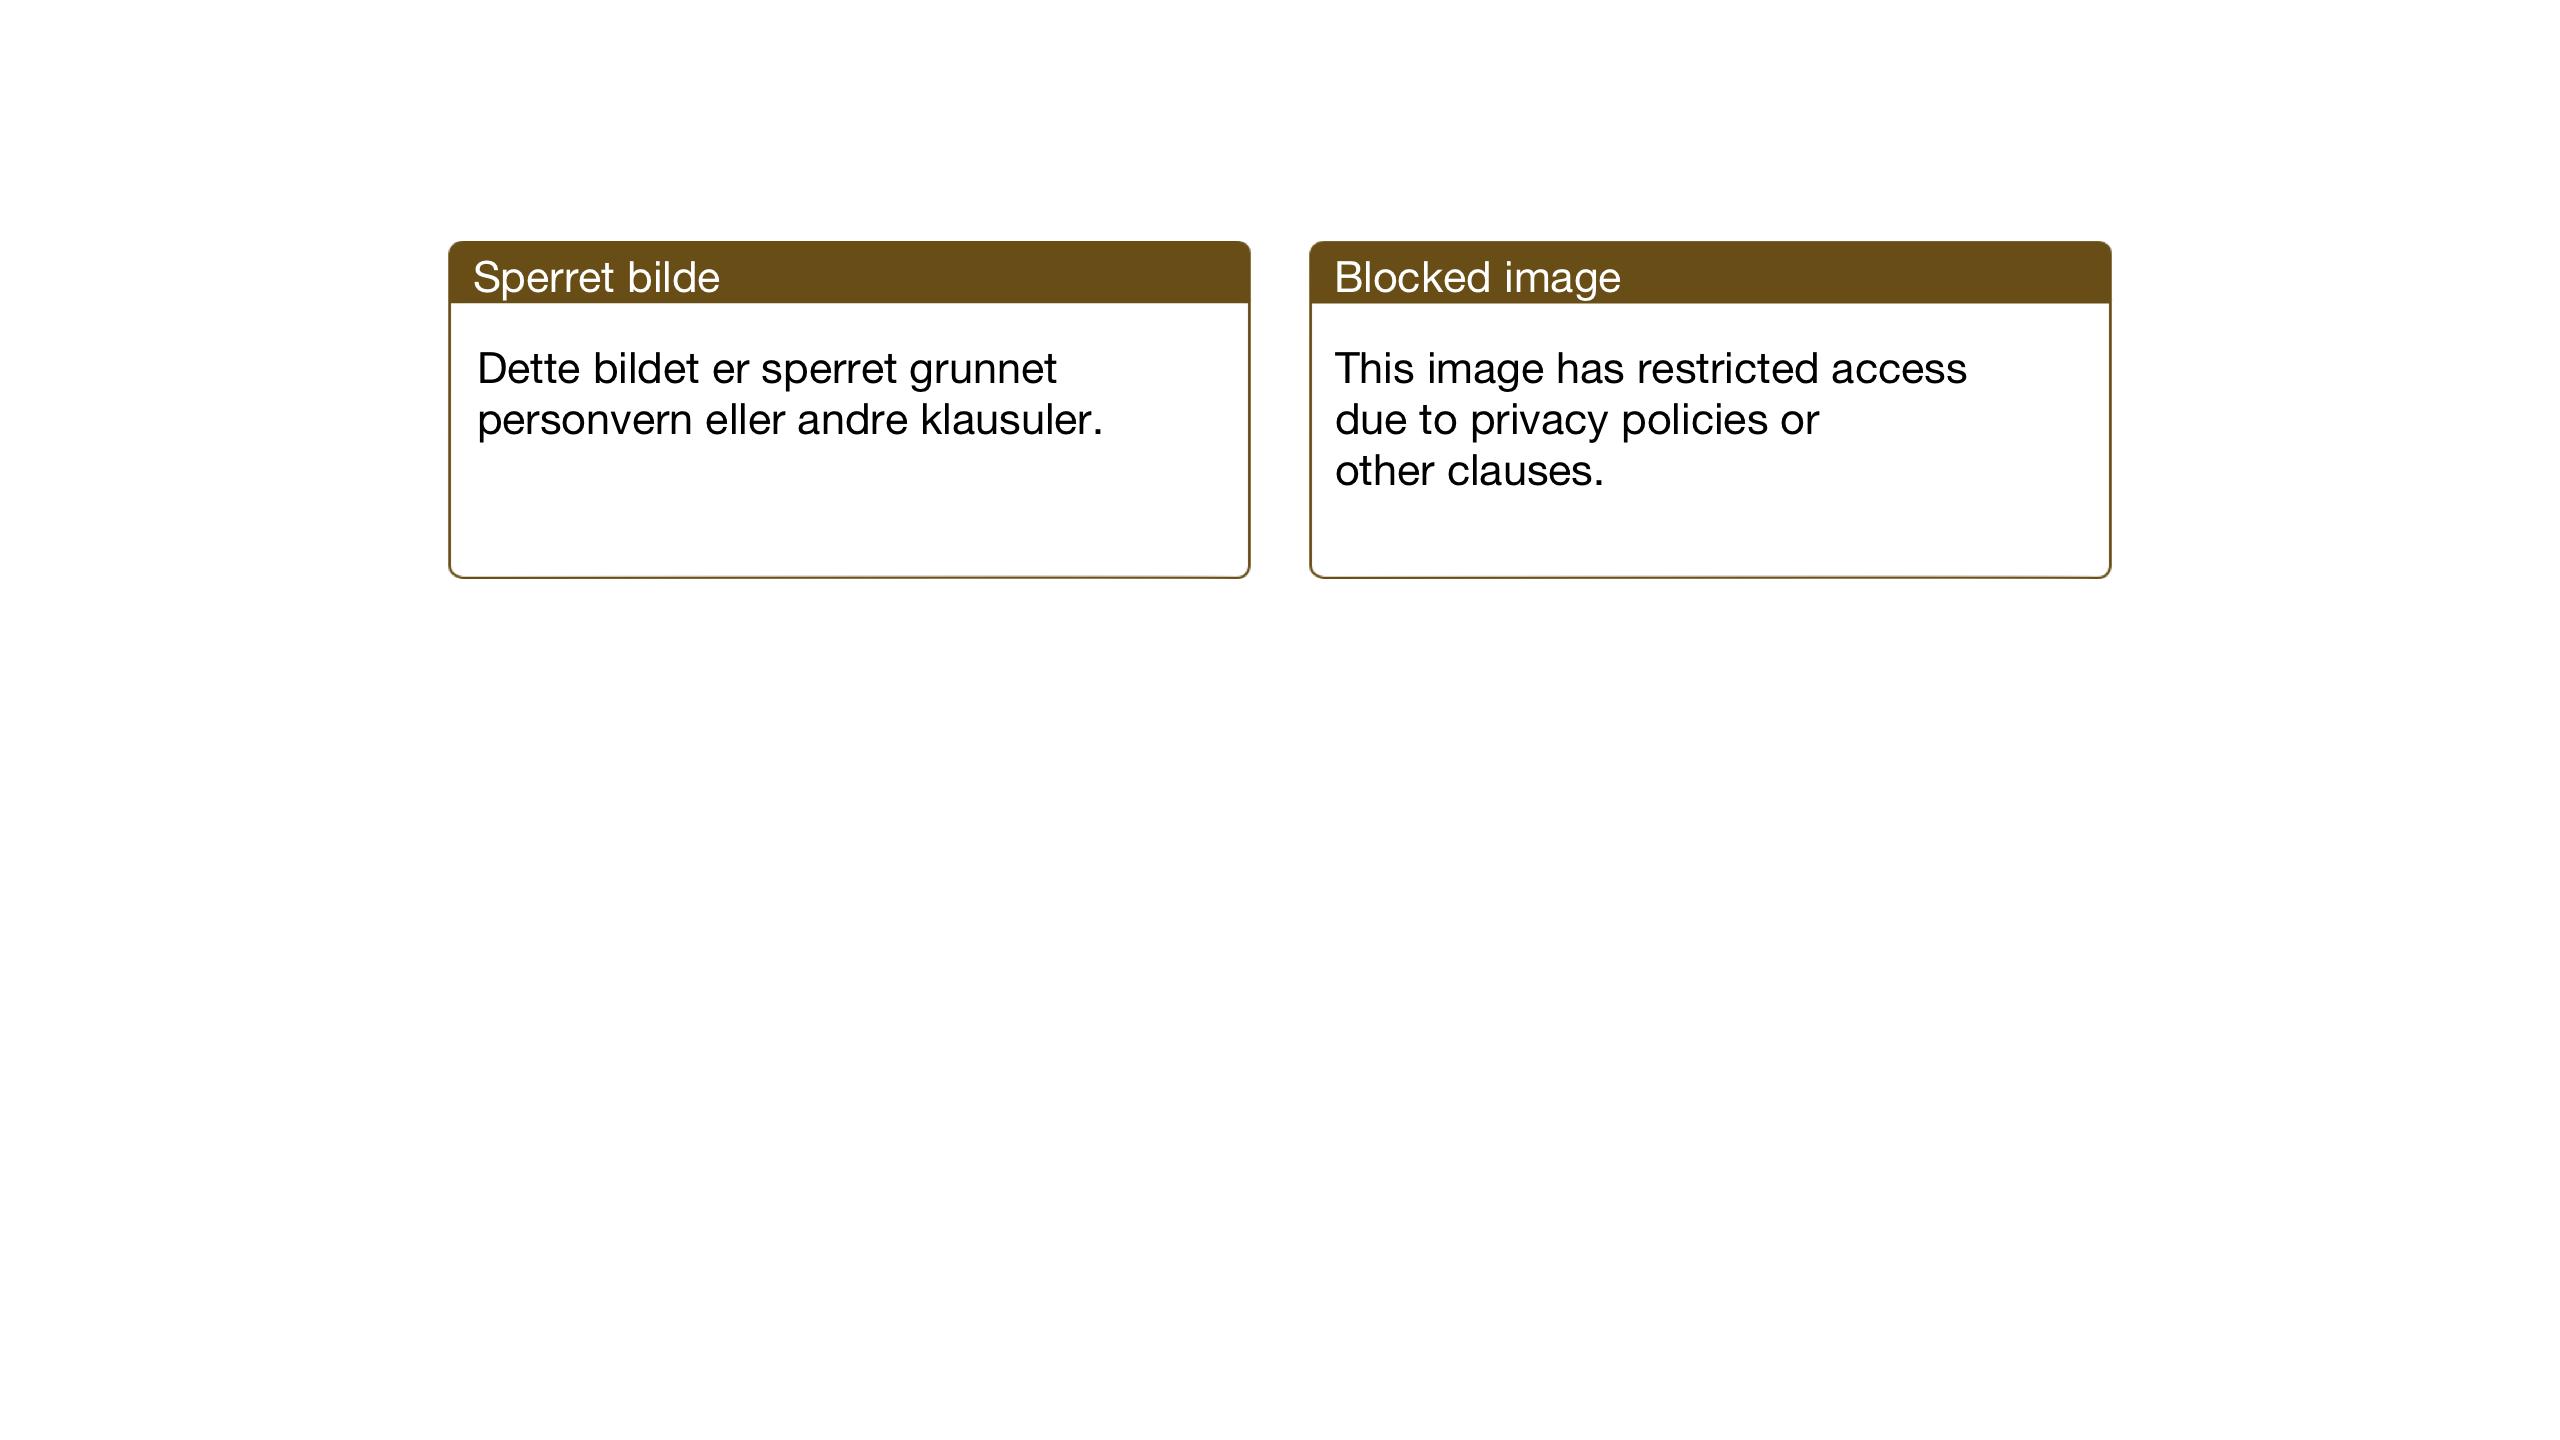 SAT, Ministerialprotokoller, klokkerbøker og fødselsregistre - Nord-Trøndelag, 710/L0097: Klokkerbok nr. 710C02, 1925-1955, s. 88